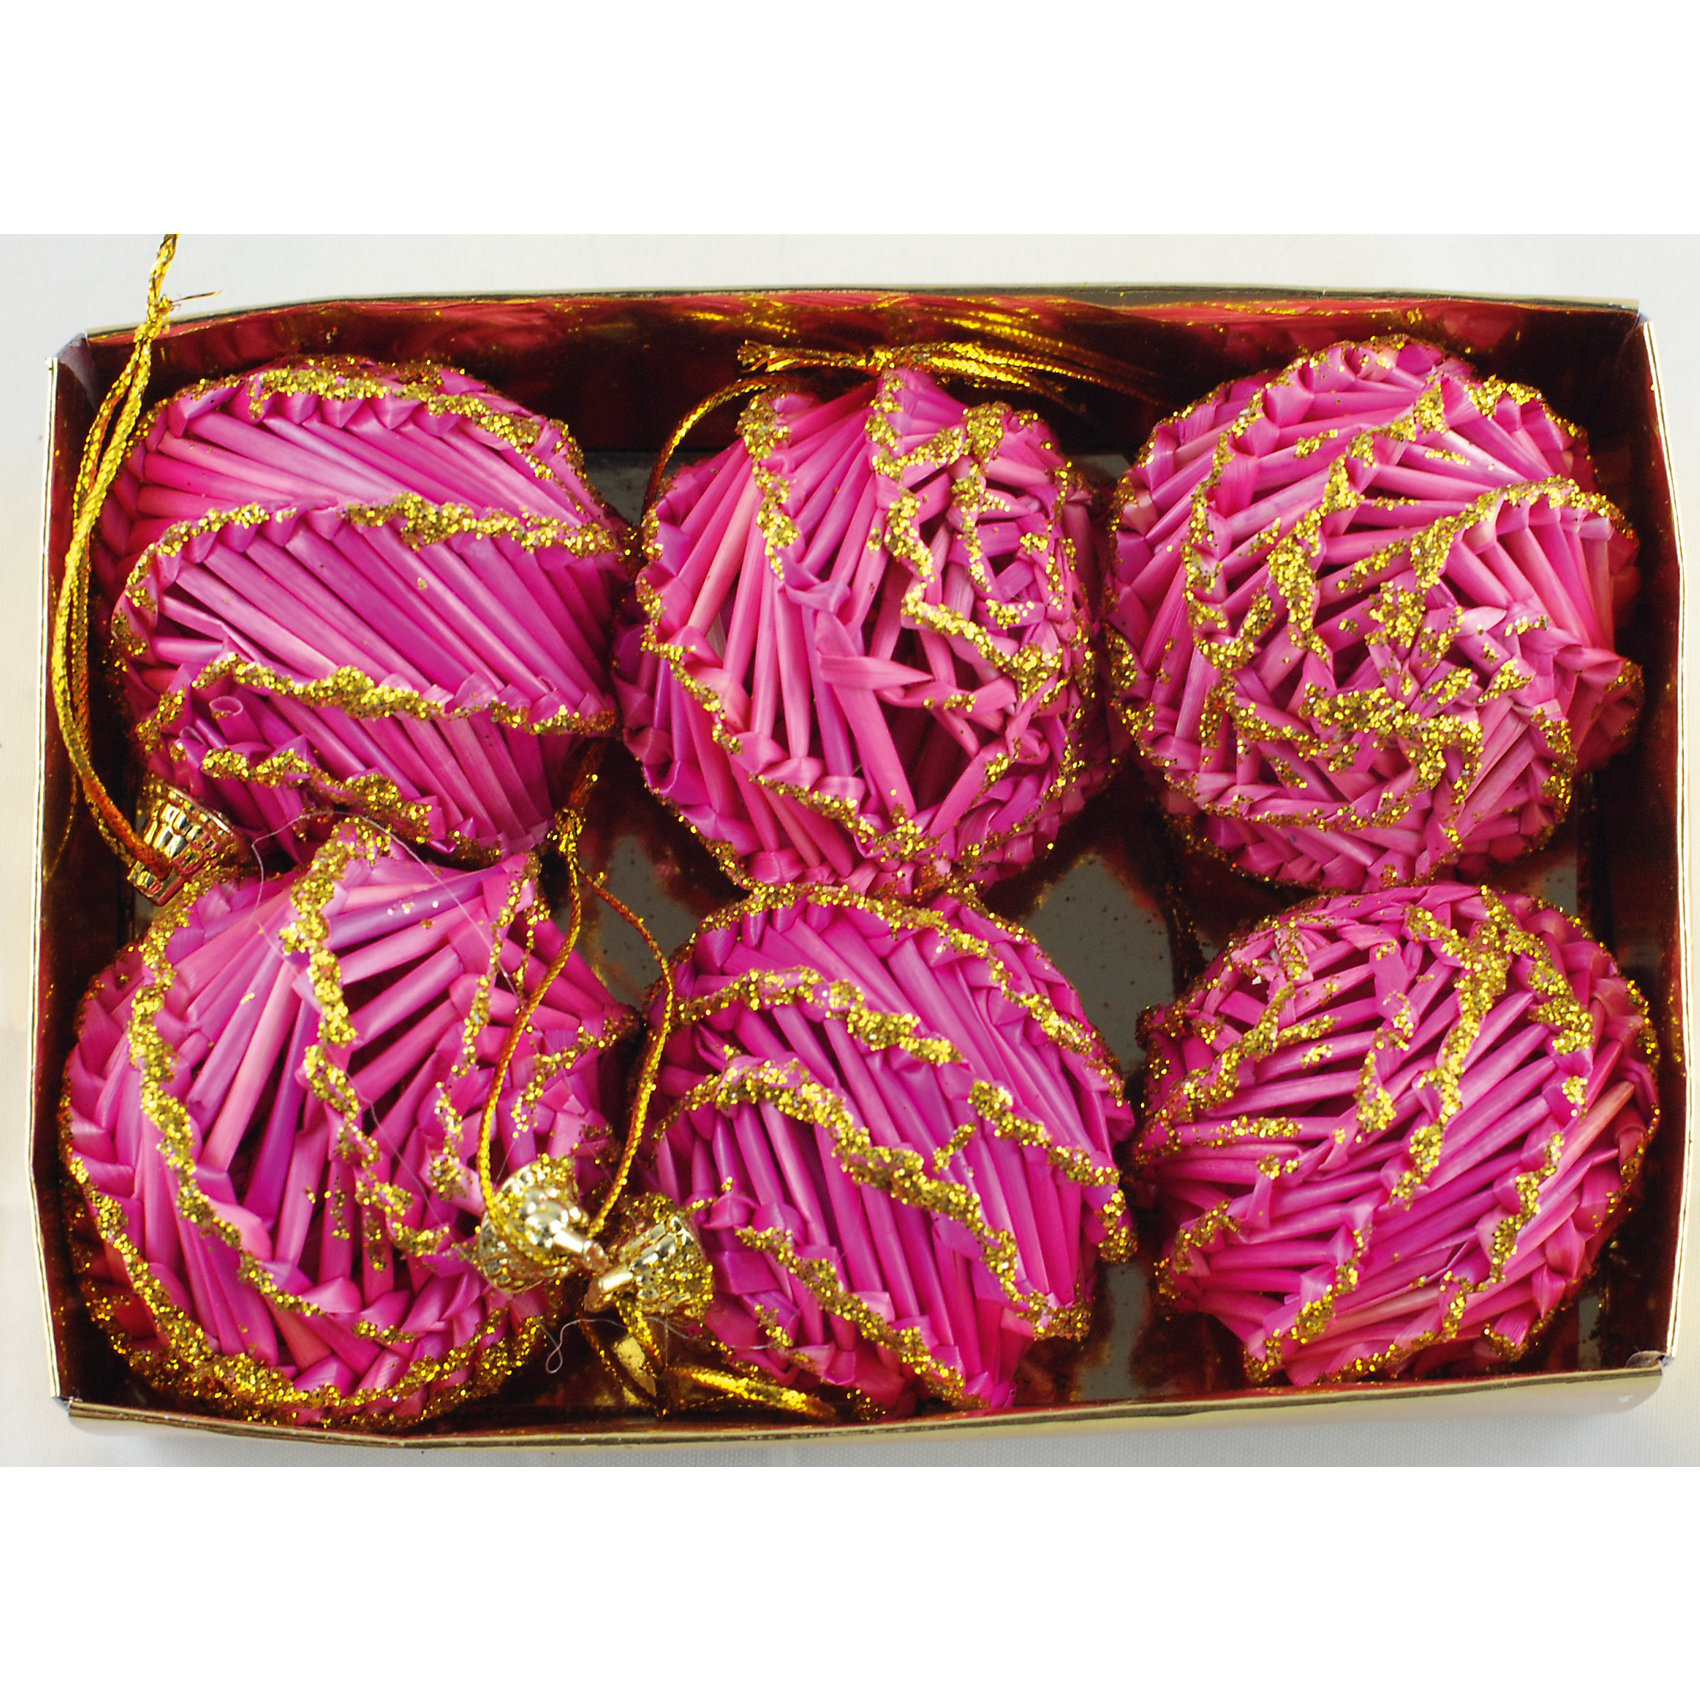 Украшение Розовые шарыУкрашение Розовые шары – это декоративное новогоднее украшение замечательно украсит интерьер.<br>Набор подвесных украшений состоит из 6 розовых шаров, выполненных из соломы, покрытых лакоми и декорированных глиттером. Такие шары легки и удобны при оформлении елки, они не разобьются и прослужат долго. Оригинальный дизайн и красочное исполнение создадут праздничное настроение. Новогодние украшения приносят в дом волшебство и ощущение праздника и создают атмосферу тепла, веселья и радости.<br><br>Дополнительная информация:<br><br>- В наборе: 6 шт.<br>- Диаметр: 6 см.<br>- Материал: солома<br>- Цвет: розовый<br>- Размер упаковки: 18 х 12 х 6 см.<br><br>Украшение Розовые шары принесет в ваш дом ни с чем несравнимое ощущение волшебства!<br><br>Украшение Розовые шары можно купить в нашем интернет-магазине.<br><br>Ширина мм: 60<br>Глубина мм: 120<br>Высота мм: 180<br>Вес г: 100<br>Возраст от месяцев: 36<br>Возраст до месяцев: 2147483647<br>Пол: Унисекс<br>Возраст: Детский<br>SKU: 4276459